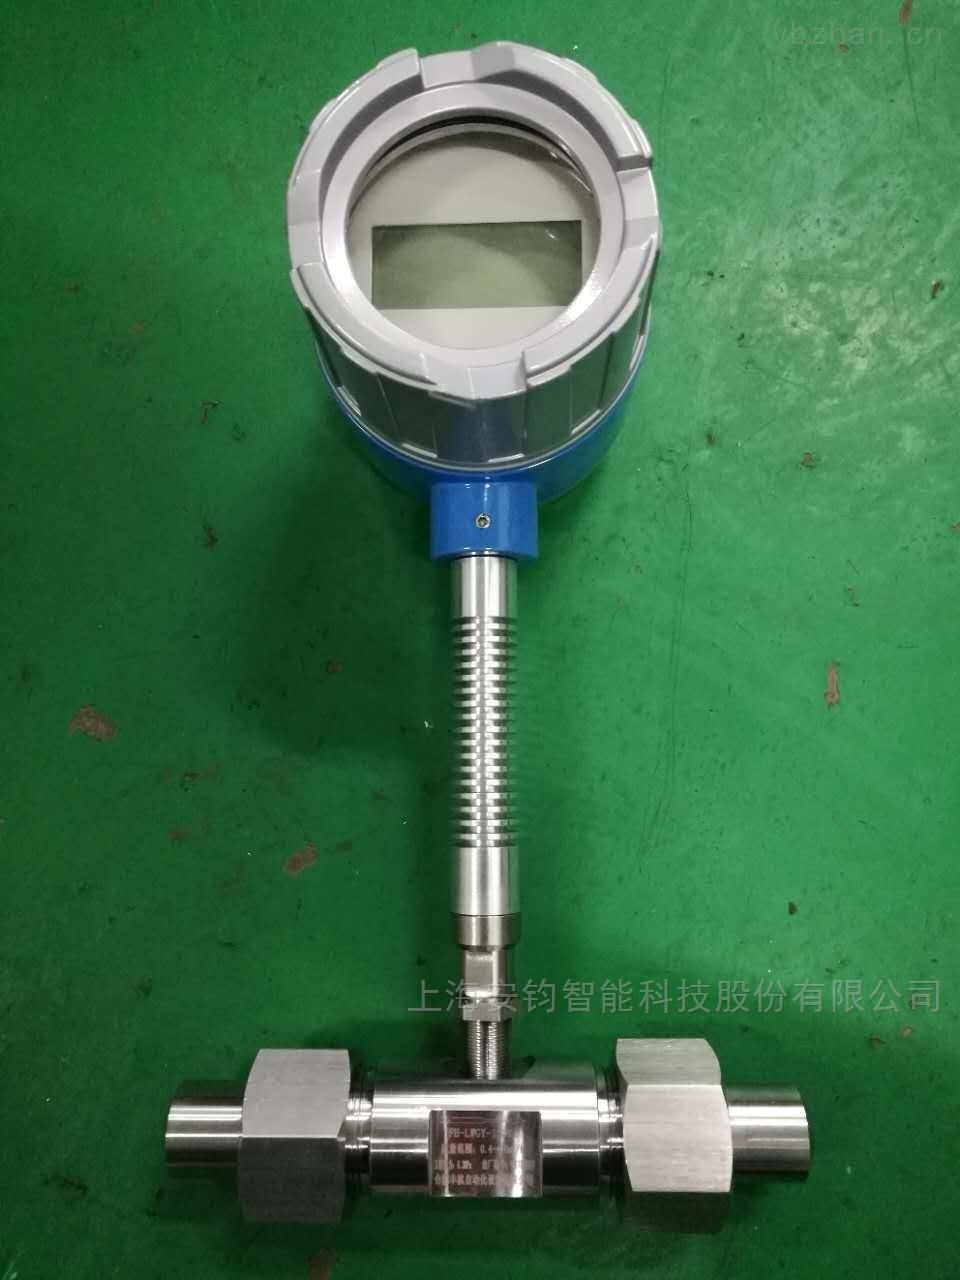 测量氟利昂涡轮流量计